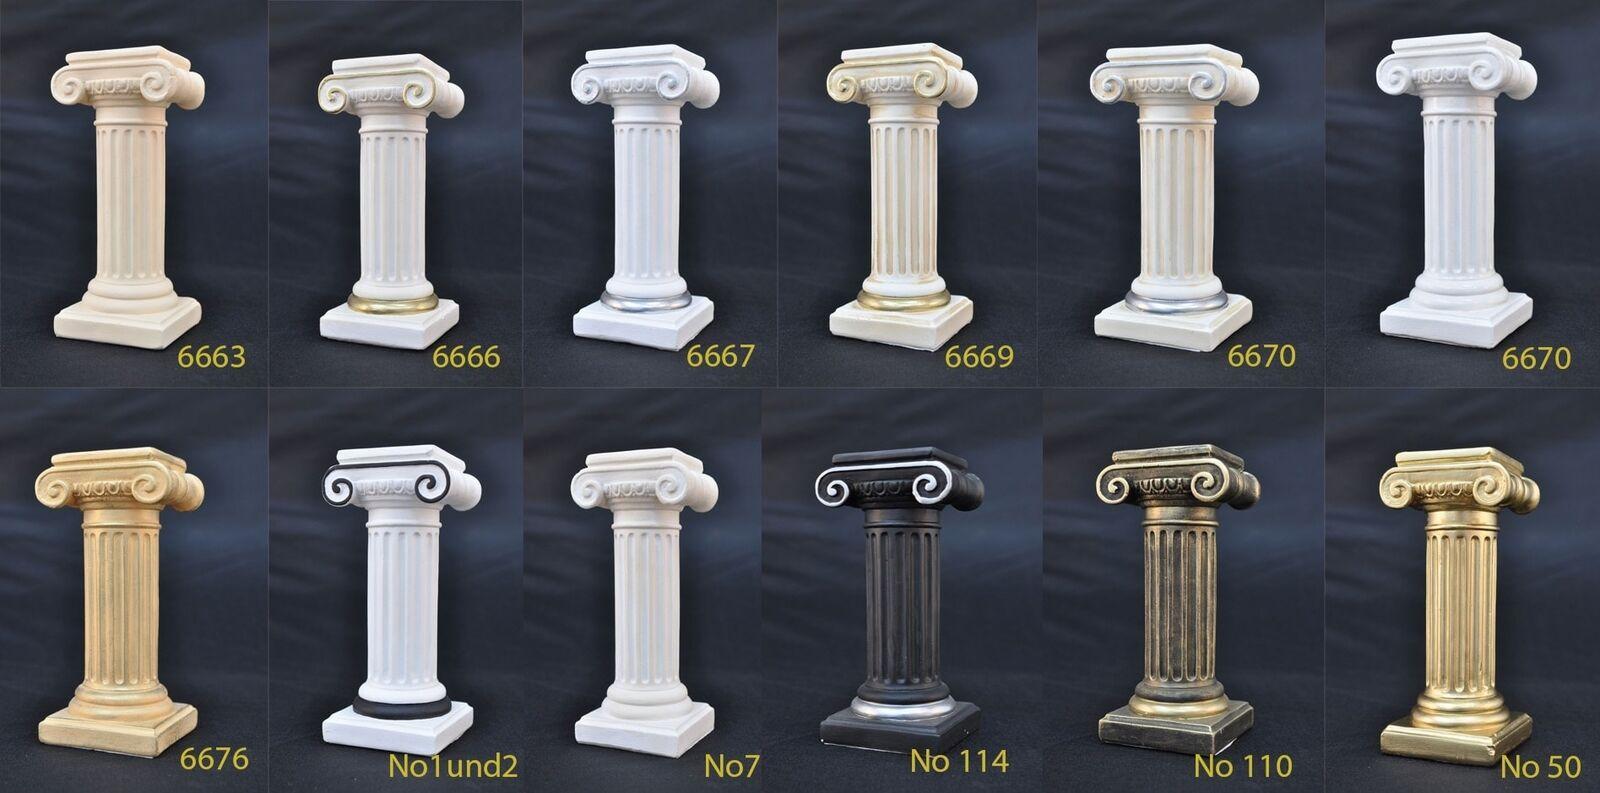 Design Gans Figur Statue Statue Statue Skulptur Figuren Skulpturen Dekoration Deko 3026 Neu 226750